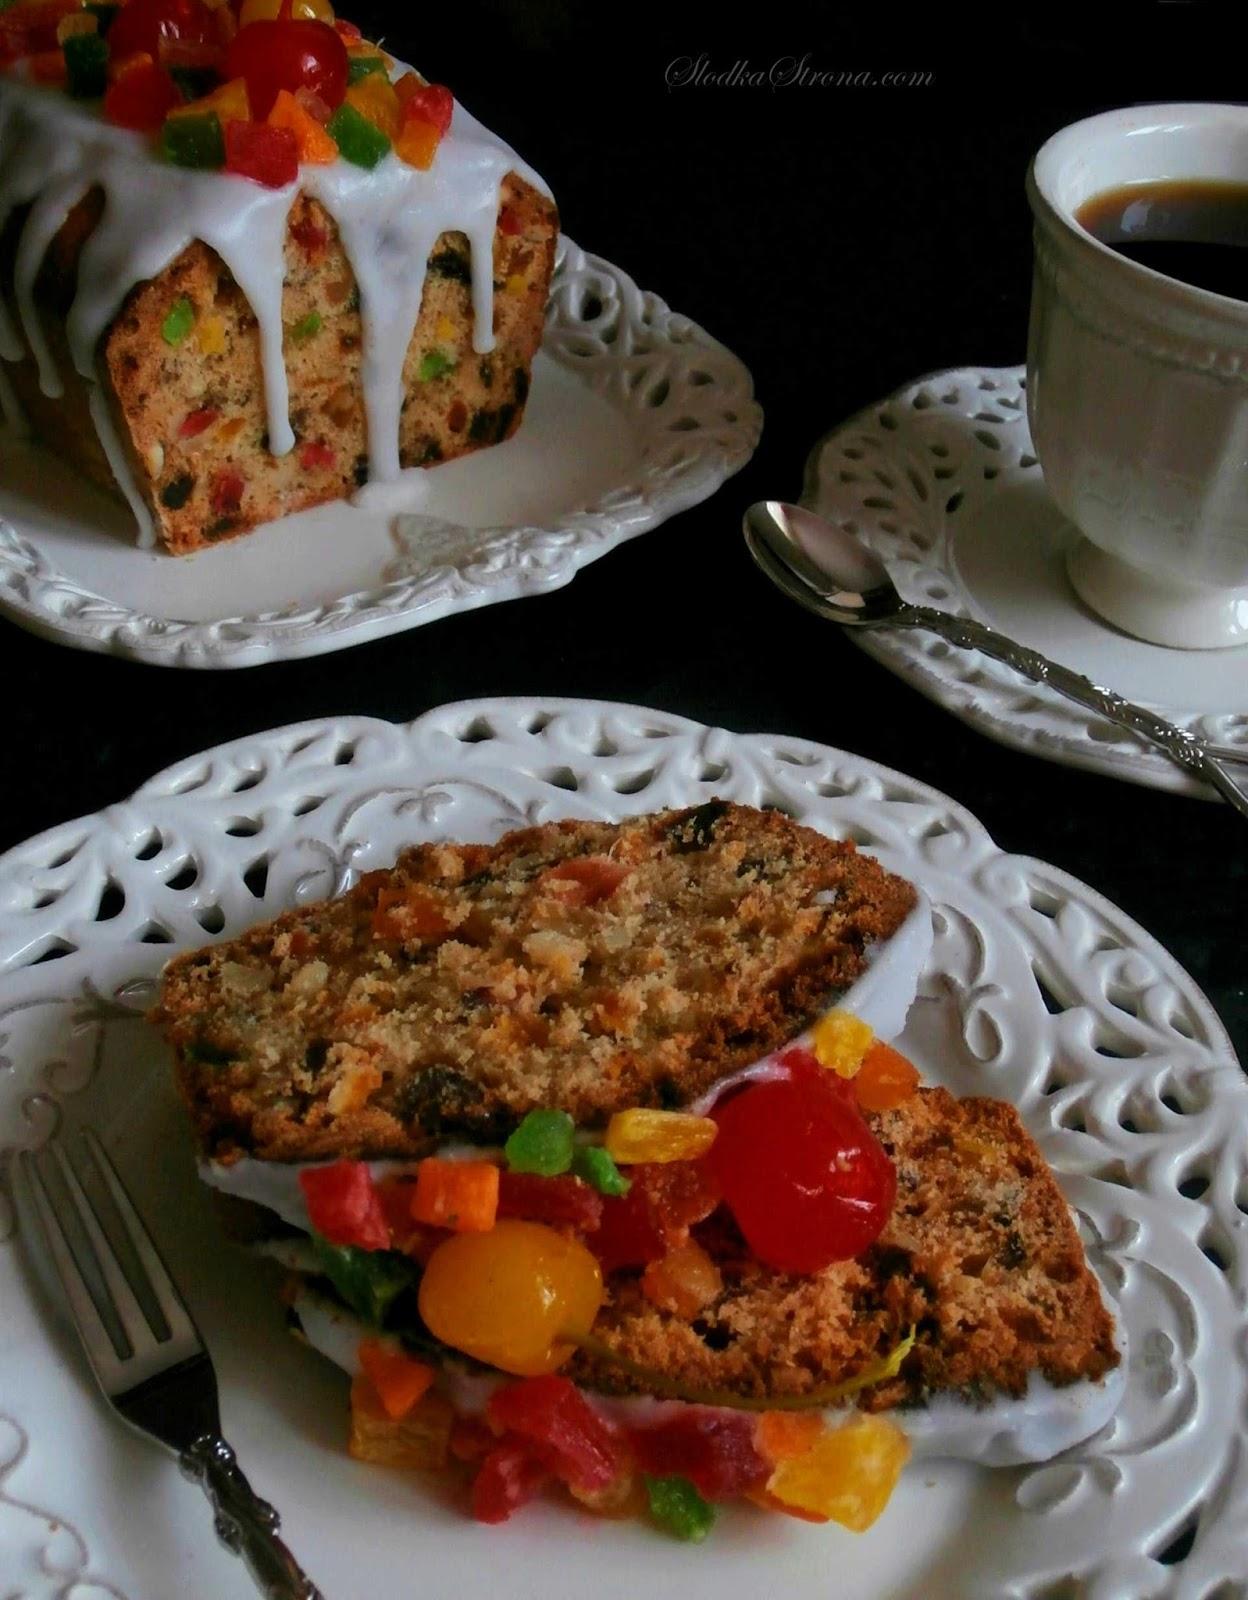 Klasyczny Keks z Bakaliami - Przepis - Słodka Strona Keks to jedno z popularniejszych ciast na polskich stołach. Każdy kto uwielbia bakalie - również zakocha się w tym cieście. Mocno bakaliowy wypiek, z przeróżnymi dodatkami począwszy od suszonych moreli, śliwek, daktyli, kandyzowanych ananasów, rodzynek a skończywszy na orzechach laskowych, orzechach włoskich oraz migdałach - prawdziwa uczta smaków dla amatorów bakalii.   Mmmm... tradycyjny keks przepis, keks, keks przepis, przepisy na keks, ciasto z bakaliami, cwibak, cwibak przepis, jak zrobic cwibak, jak zrobic keks, keks z bakaliami, keks z orzechami, keks z suszonymi owocami, cwibak z bakaliami, najlepsze przepis na keks,